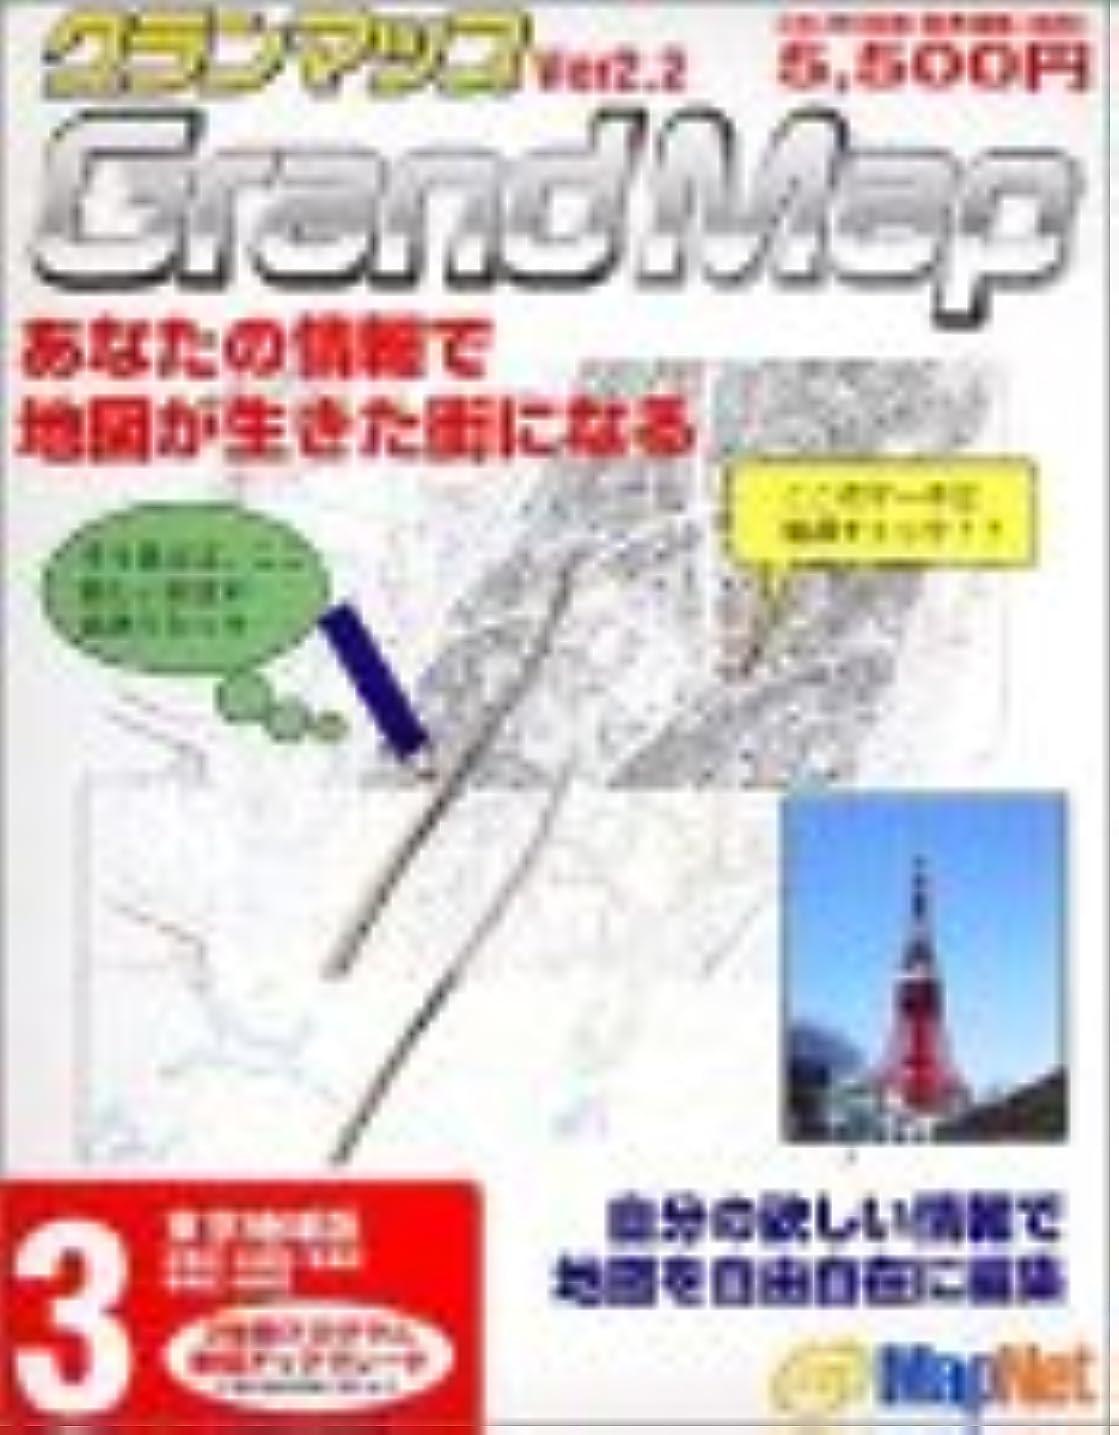 利用可能検出制約グランマップ 東京地域版 Ver2.2 東京 3